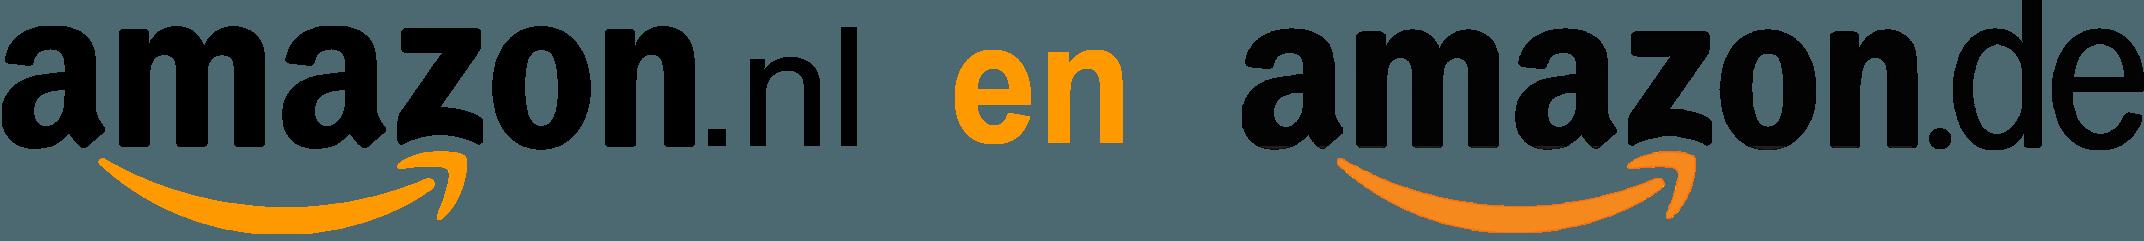 amazon.nl en amazon.de